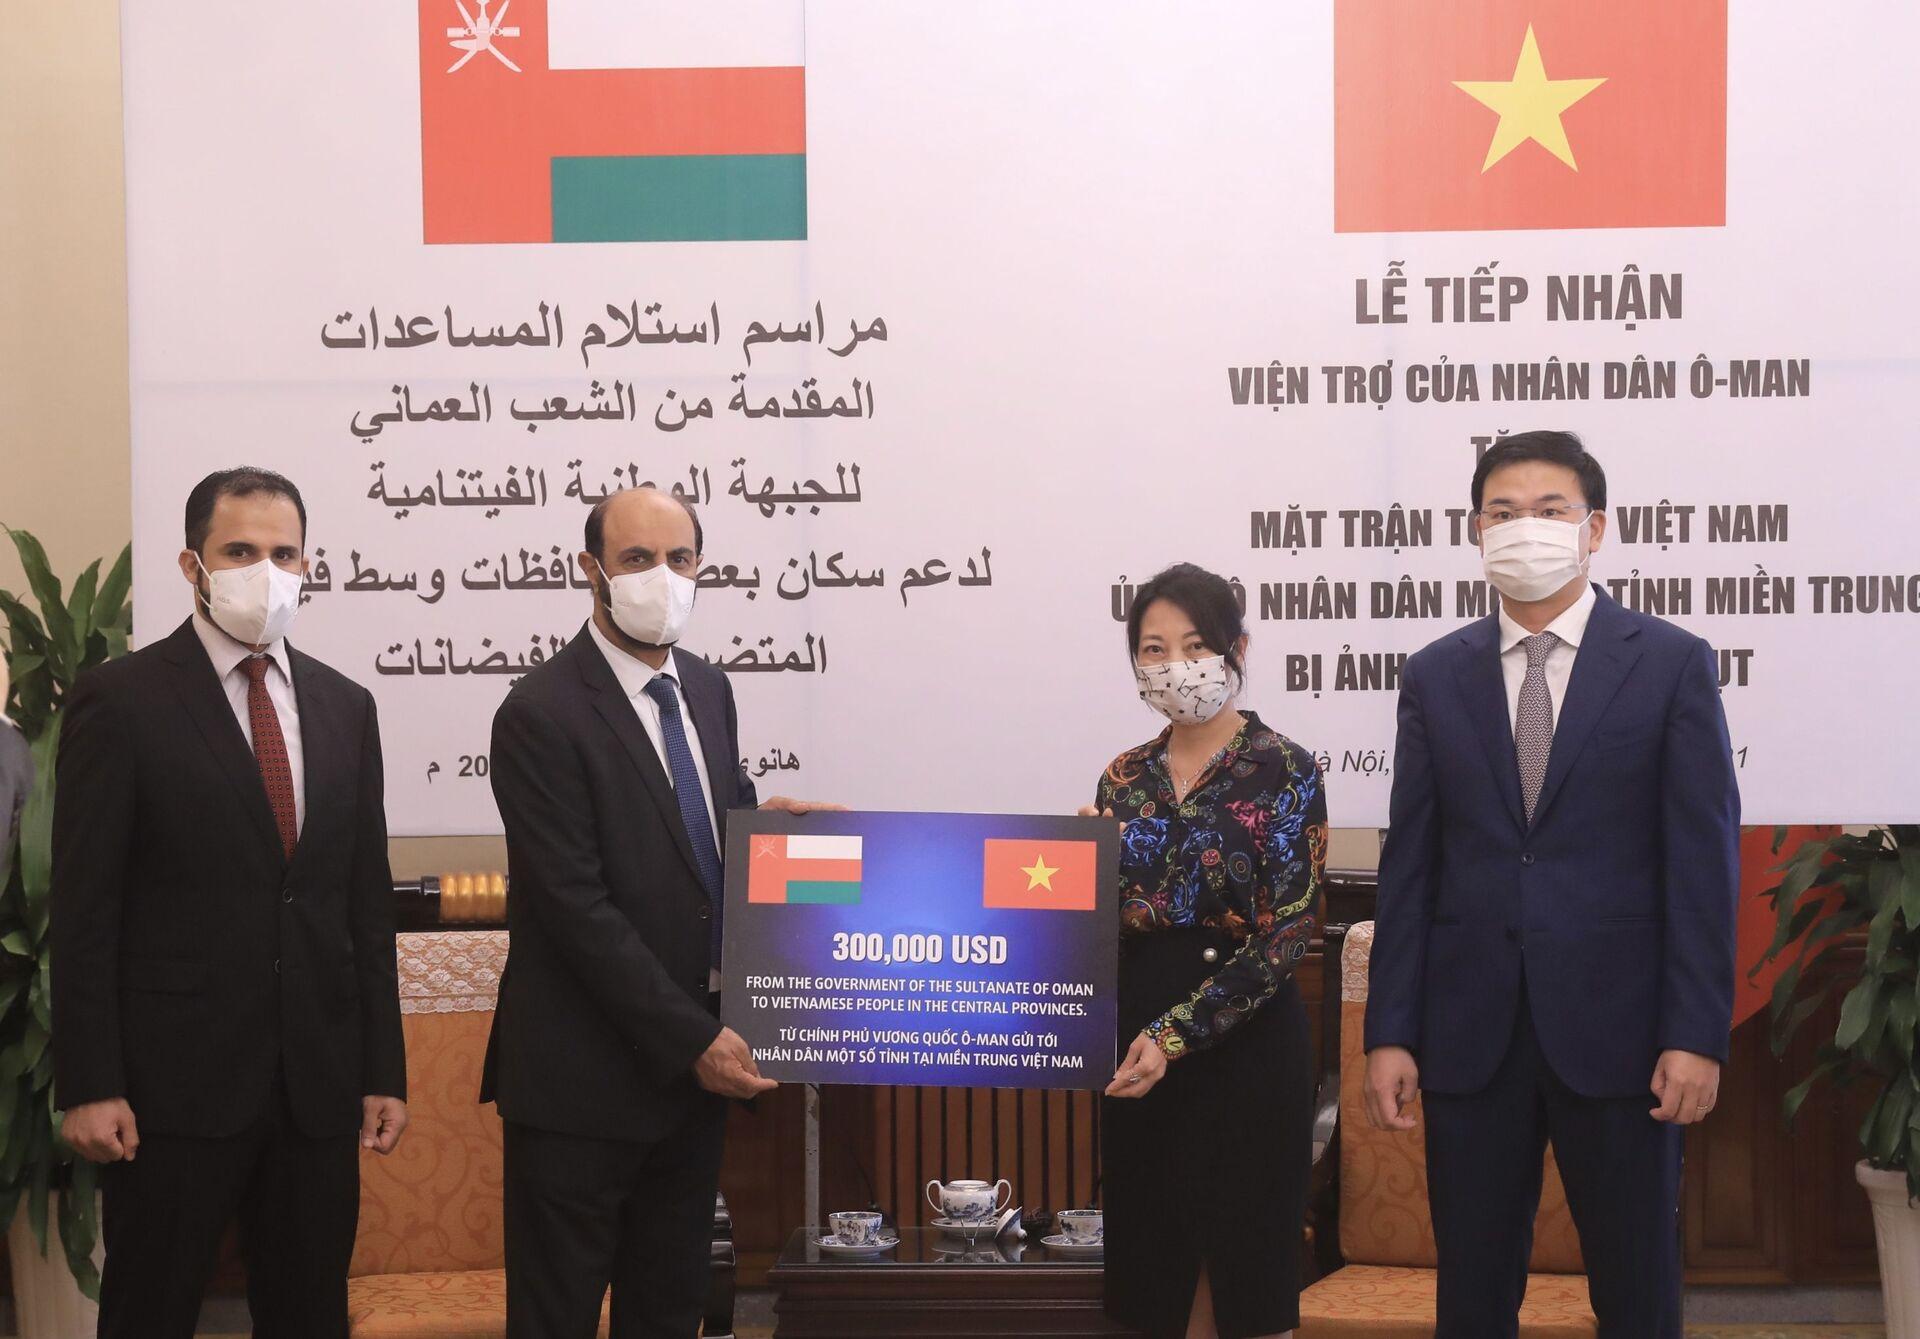 Oman viện trợ nhân dân miền Trung bị ảnh hưởng bởi lũ lụt - Sputnik Việt Nam, 1920, 05.10.2021